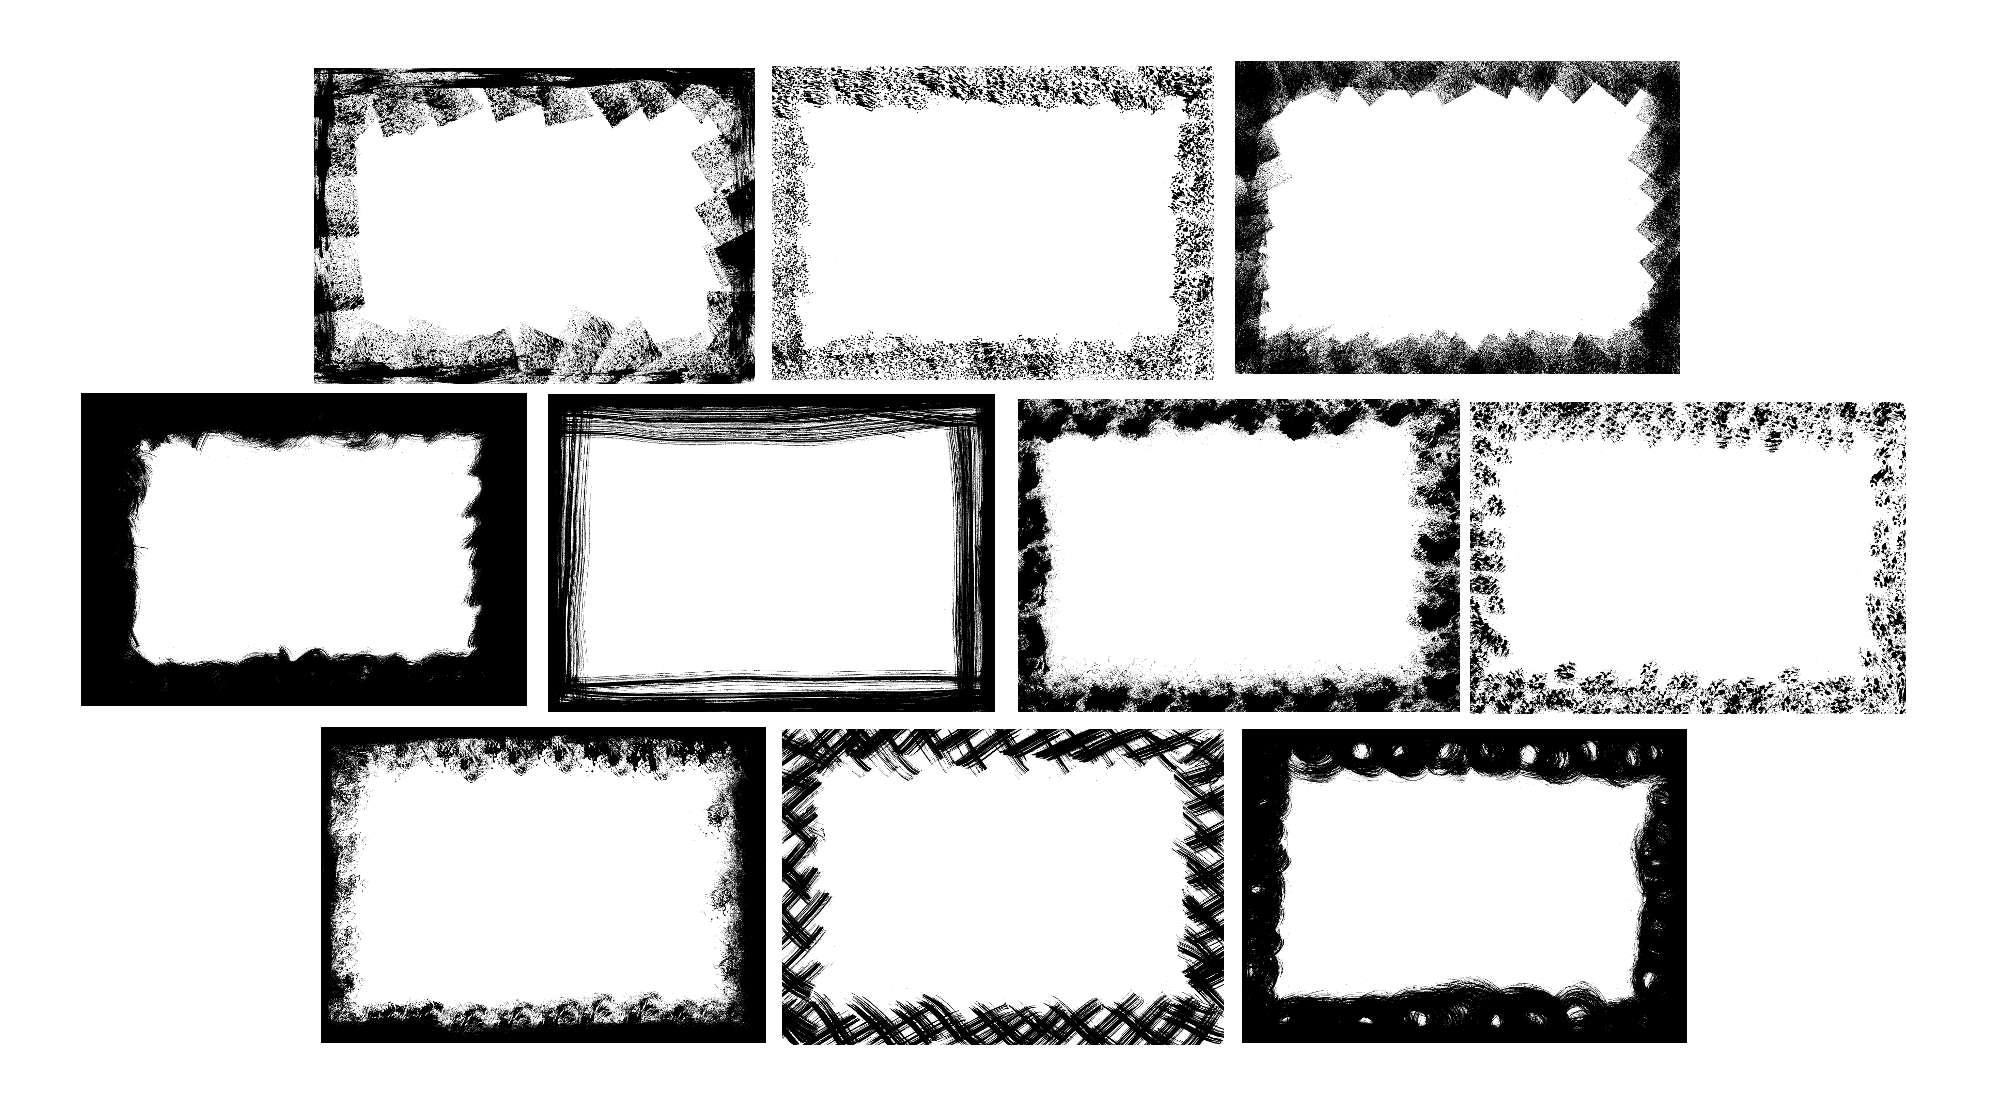 10 Grunge Frame (PNG Transparent) Vol. 3 | OnlyGFX.com